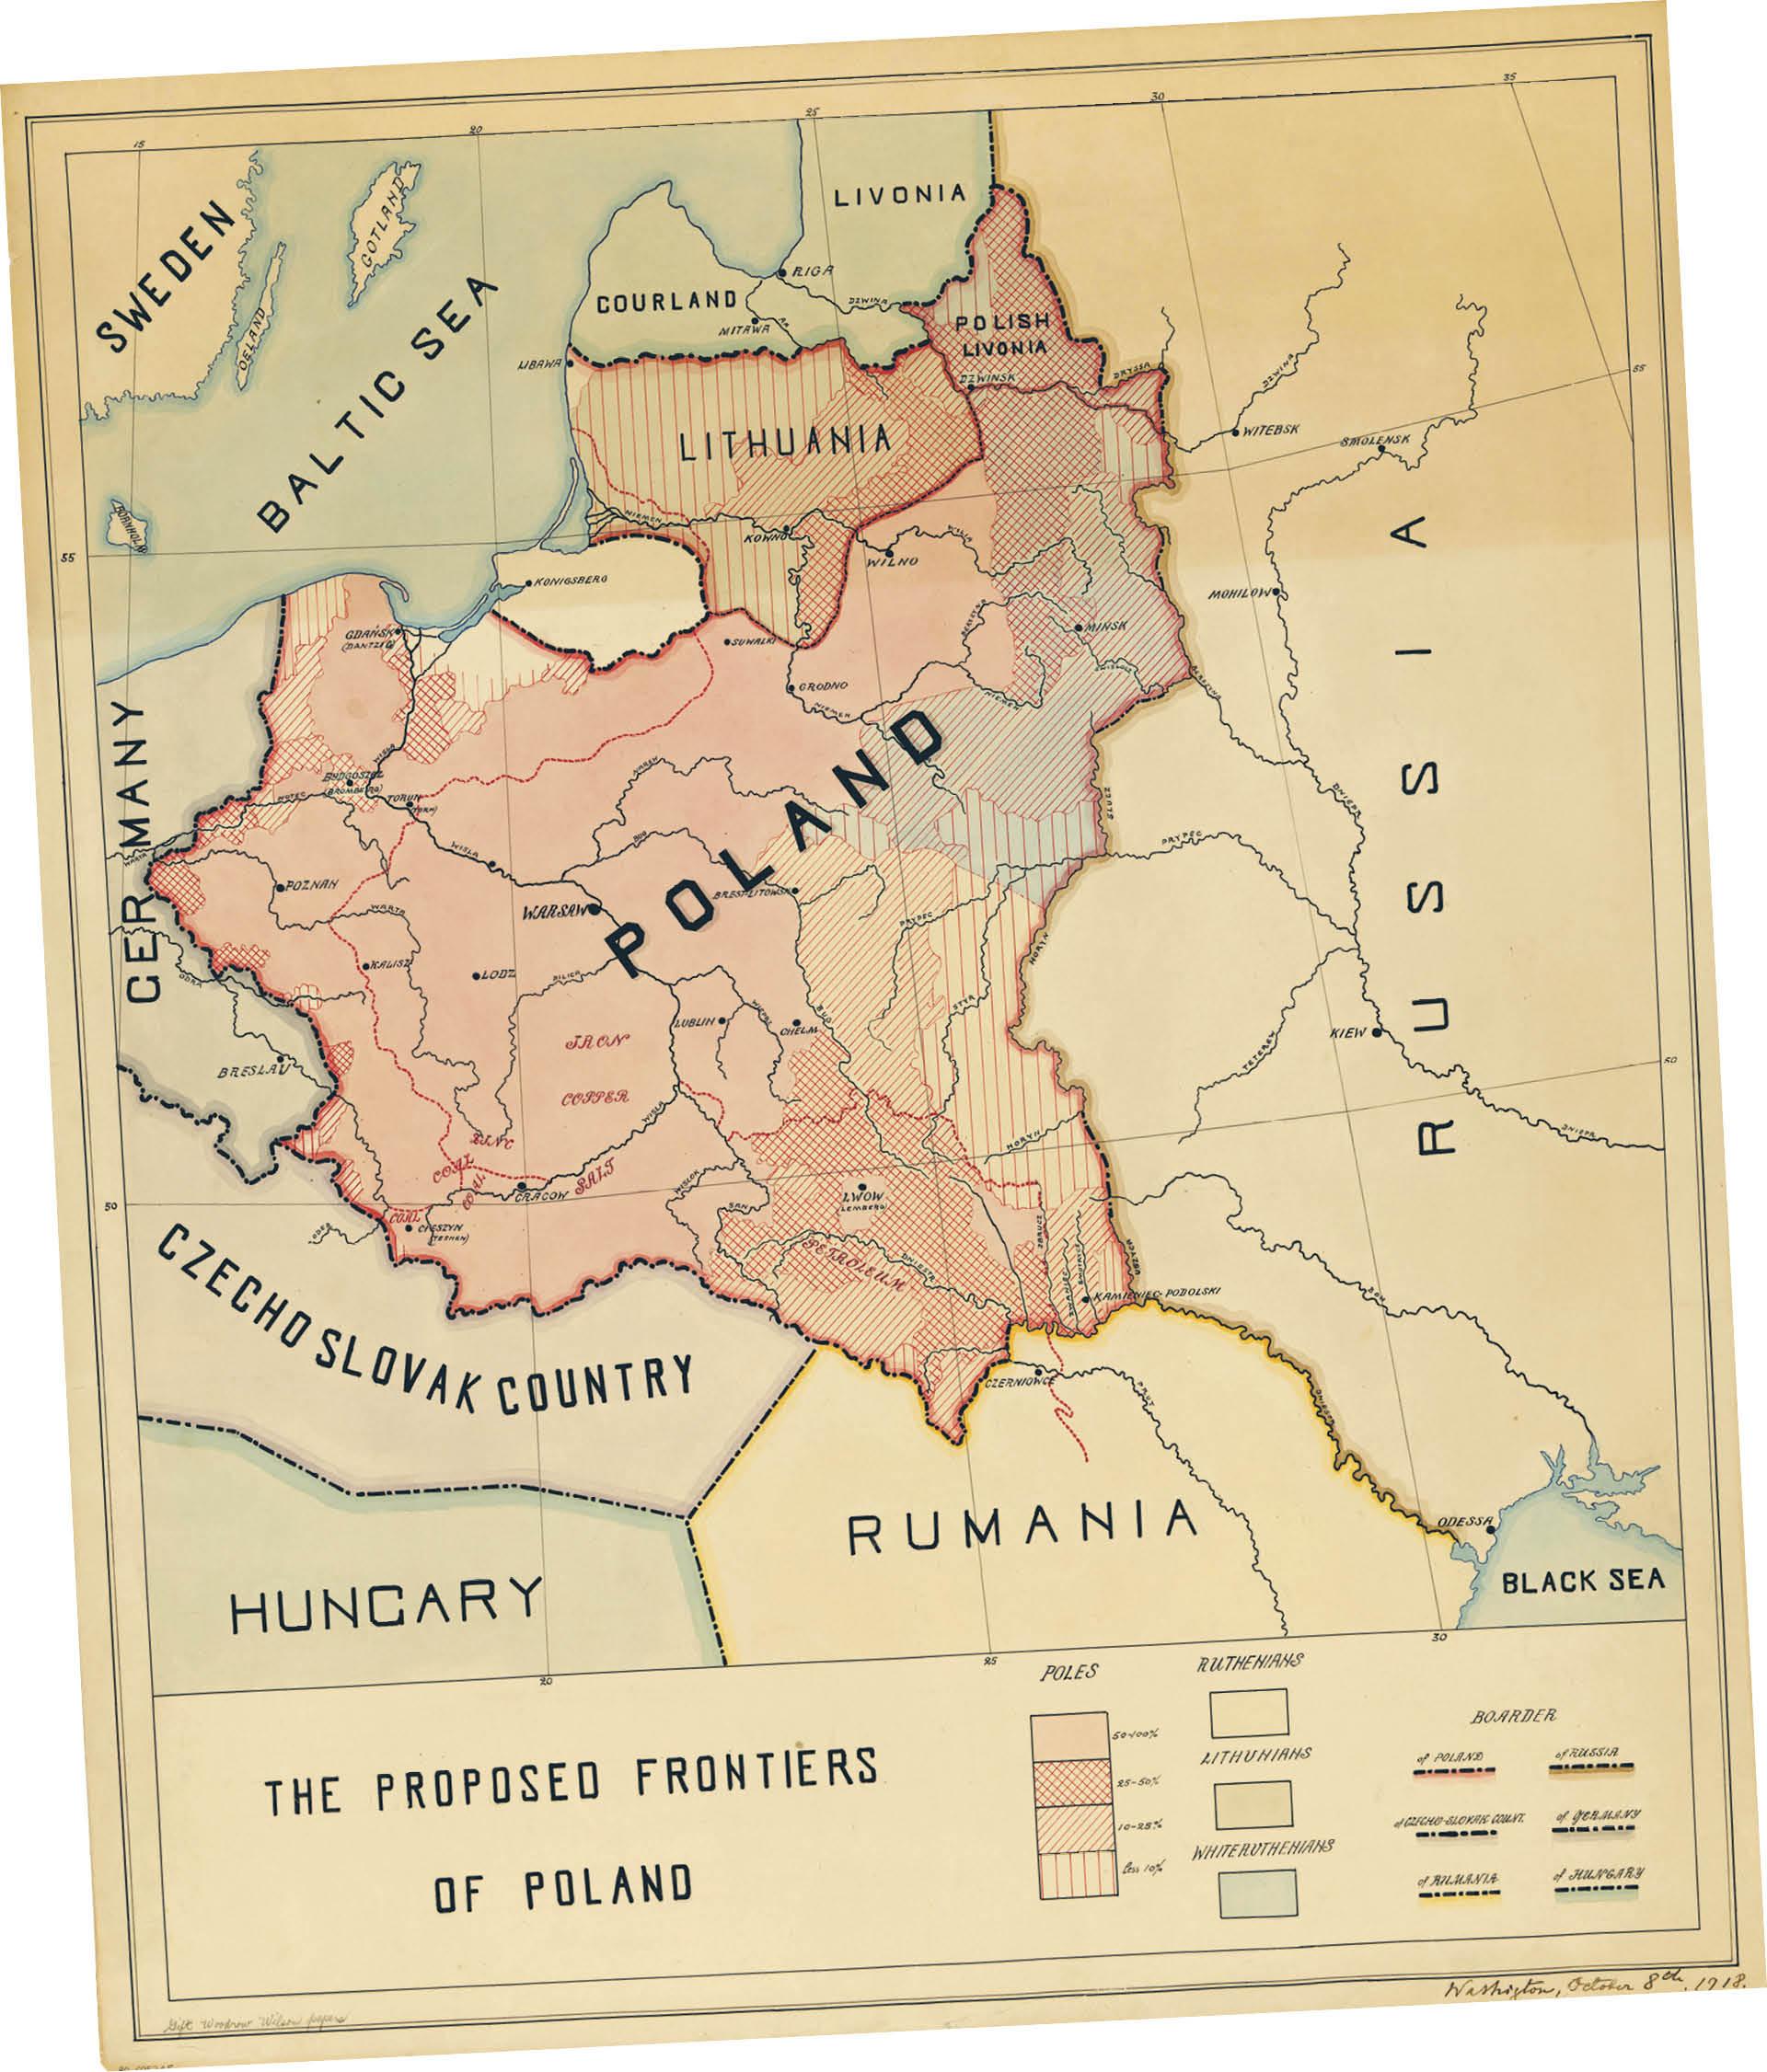 Mapa z sugerowanymi granicami Polski przygotowana przez Romana Dmowskiego dla prezydenta Woodrowa Wilsona